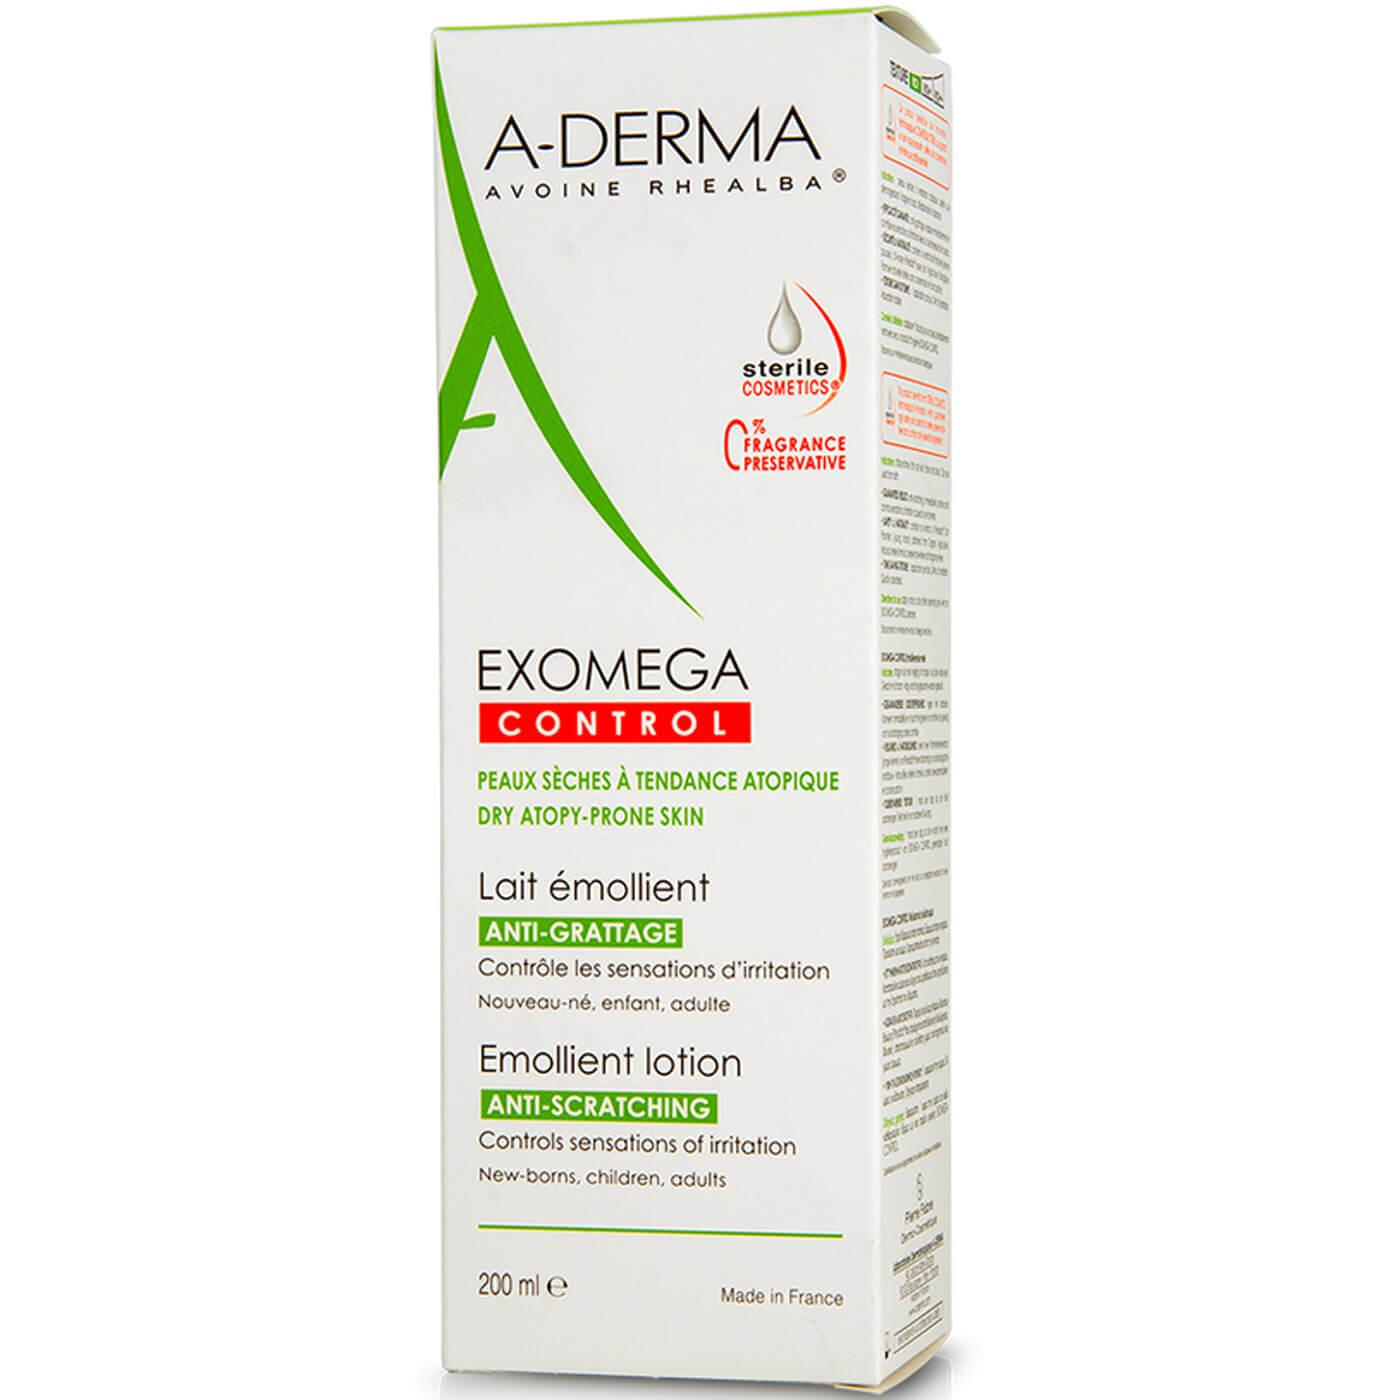 A-Derma Exomega Control Lait Emollient Μαλακτική Φροντίδα για το Ατοπικό & Πολύ Ξηρό Δέρμα με Αίσθηση Δυσανεξίας 200ml